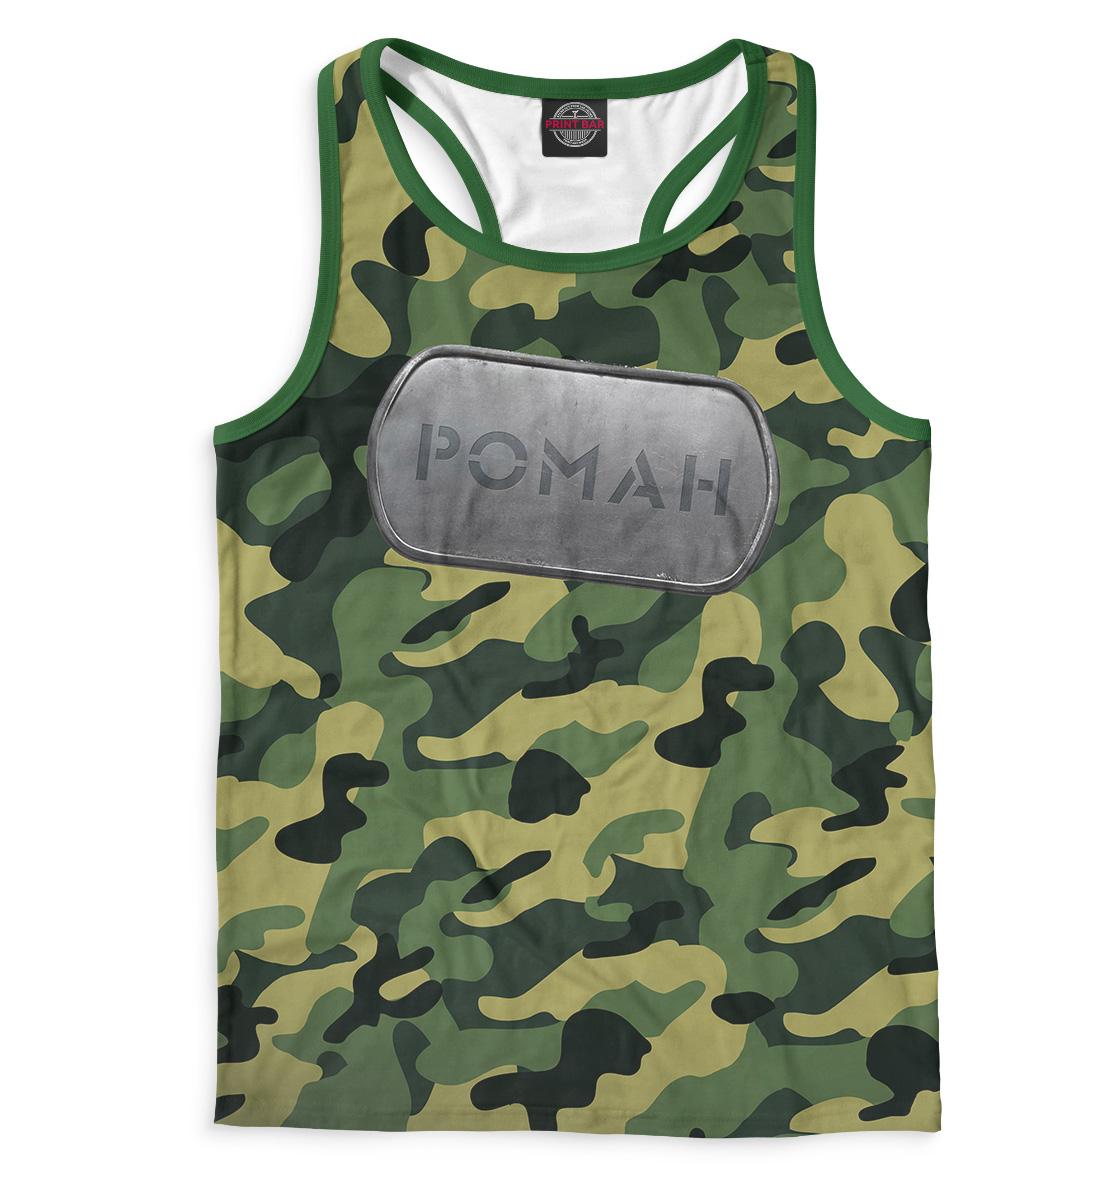 Купить Военный Роман, Printbar, Майки борцовки, ROM-812453-mayb-2